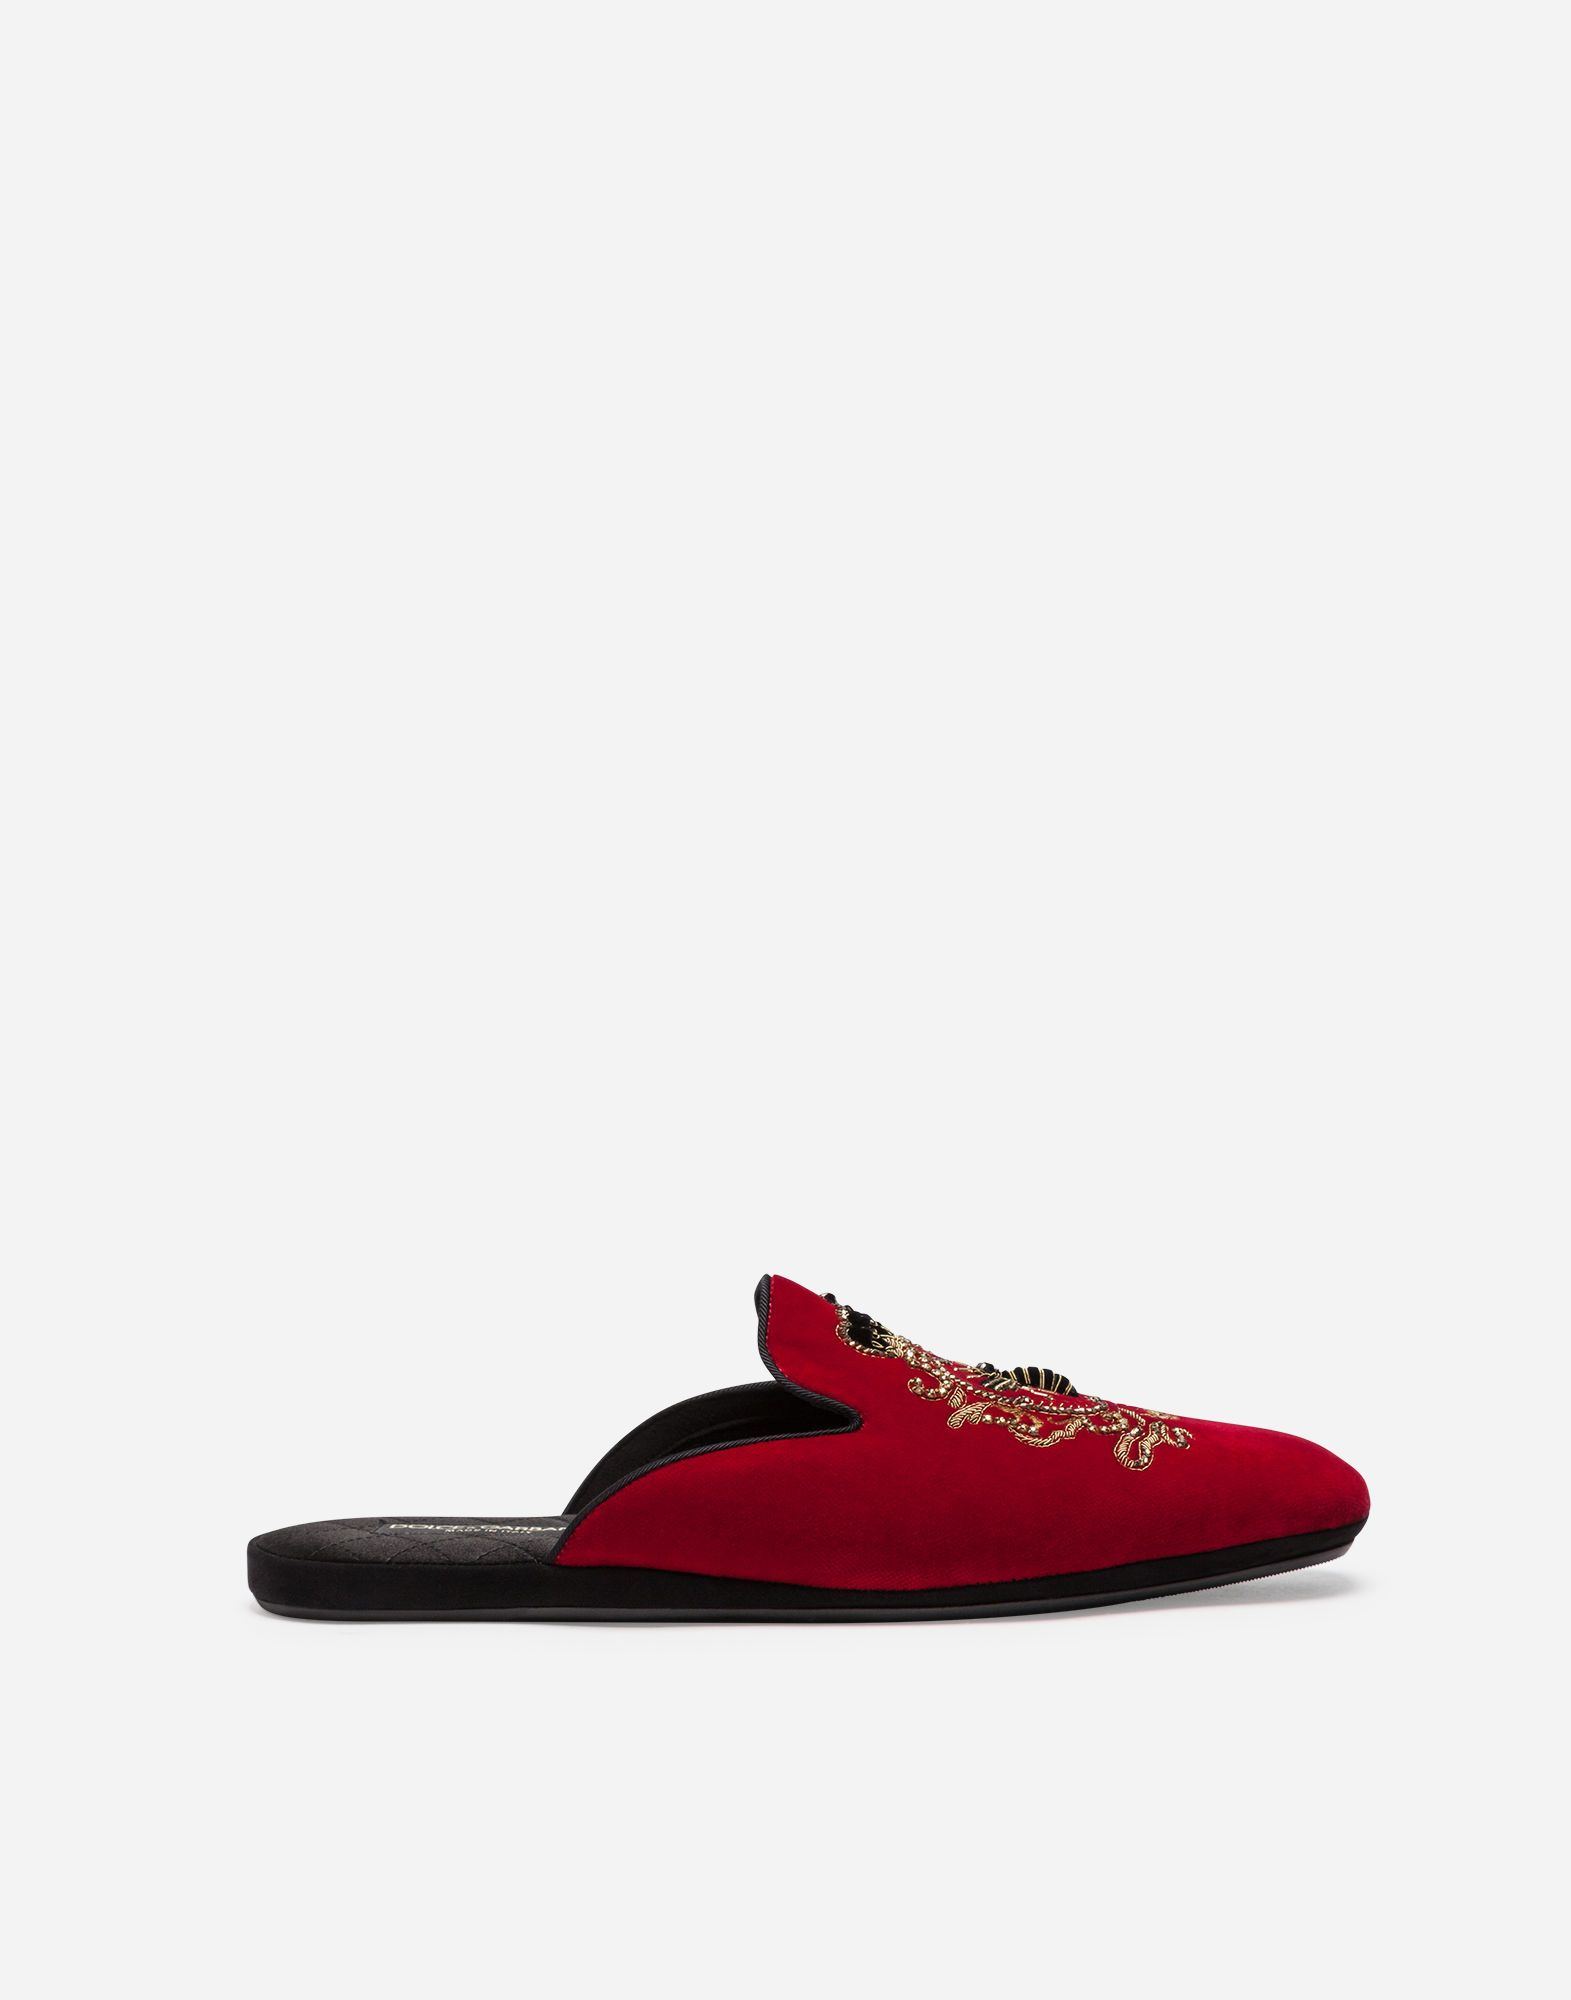 Printed Velvet SlippersDolce & Gabbana pJ4UUTYiUY